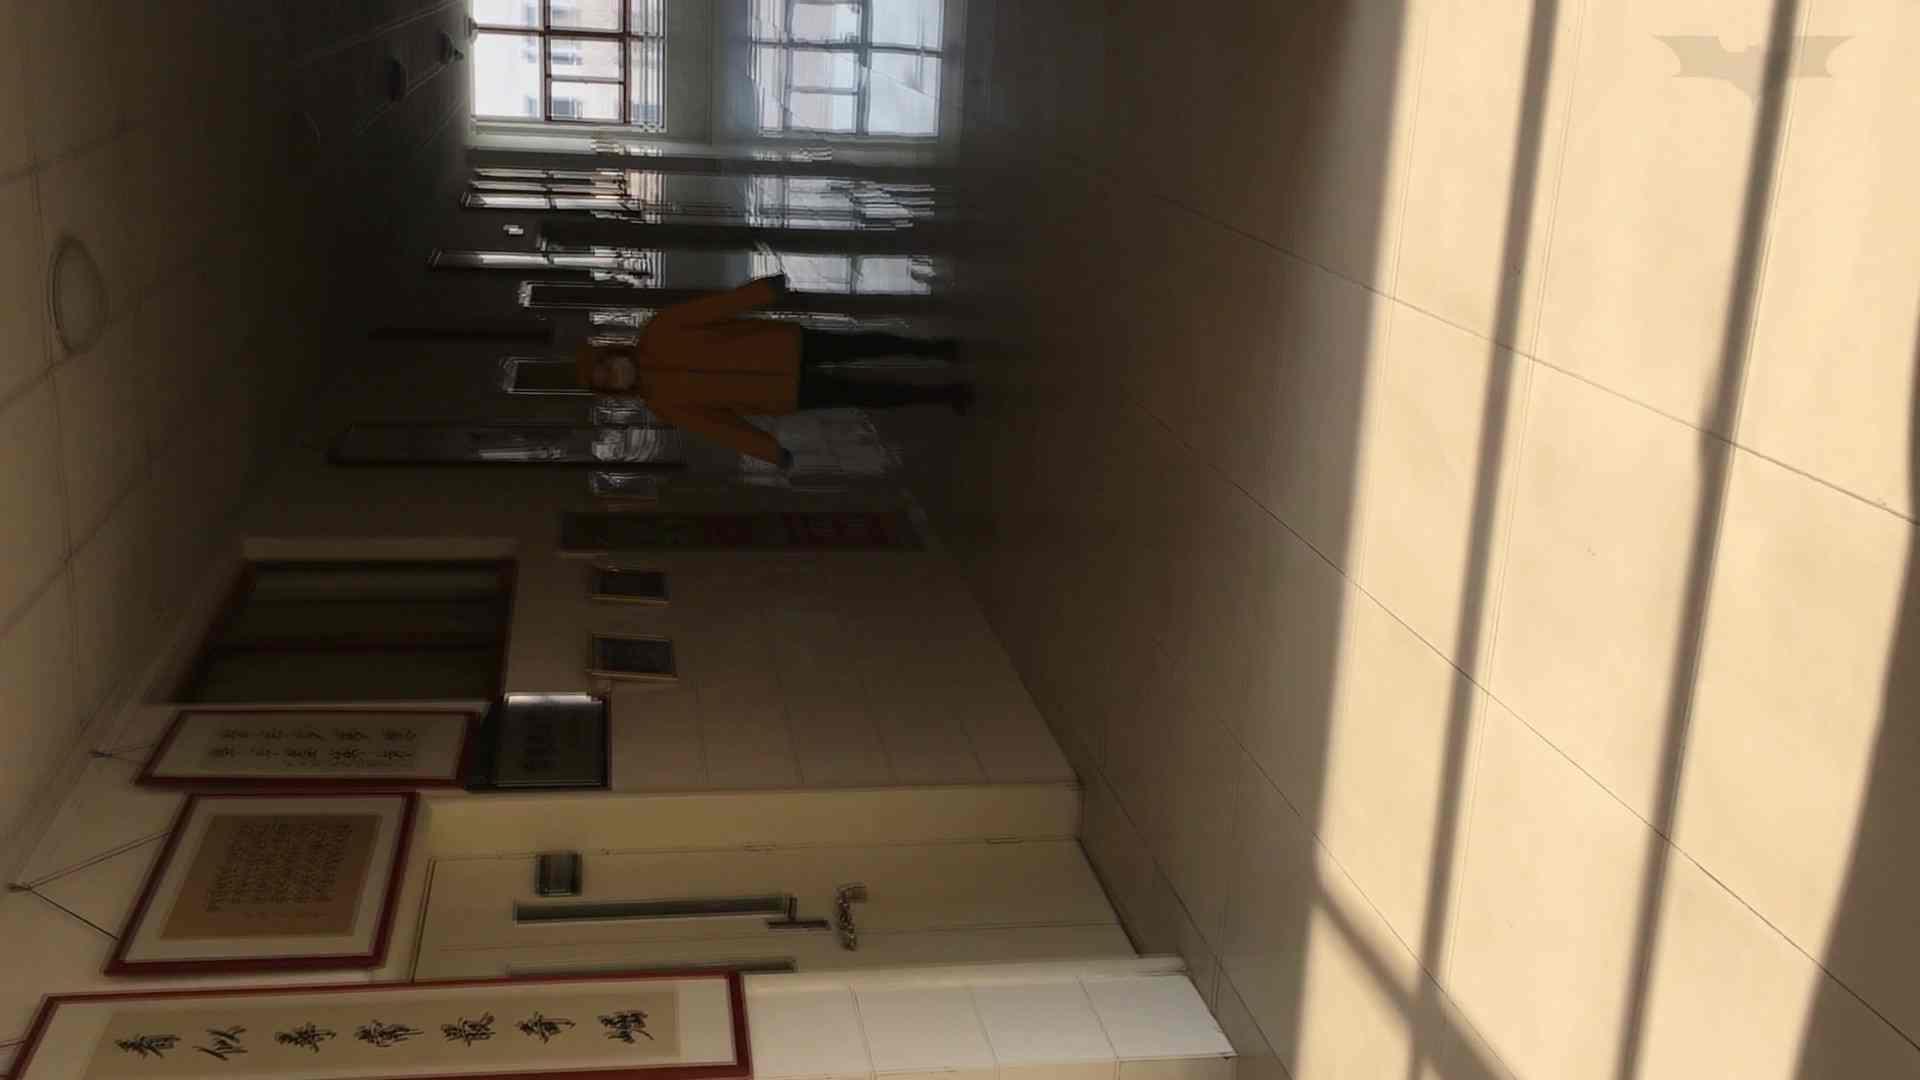 芸術大学ガチ潜入盗撮 JD盗撮 美女の洗面所の秘密 Vol.91 ギャル達 AV無料動画キャプチャ 85枚 13